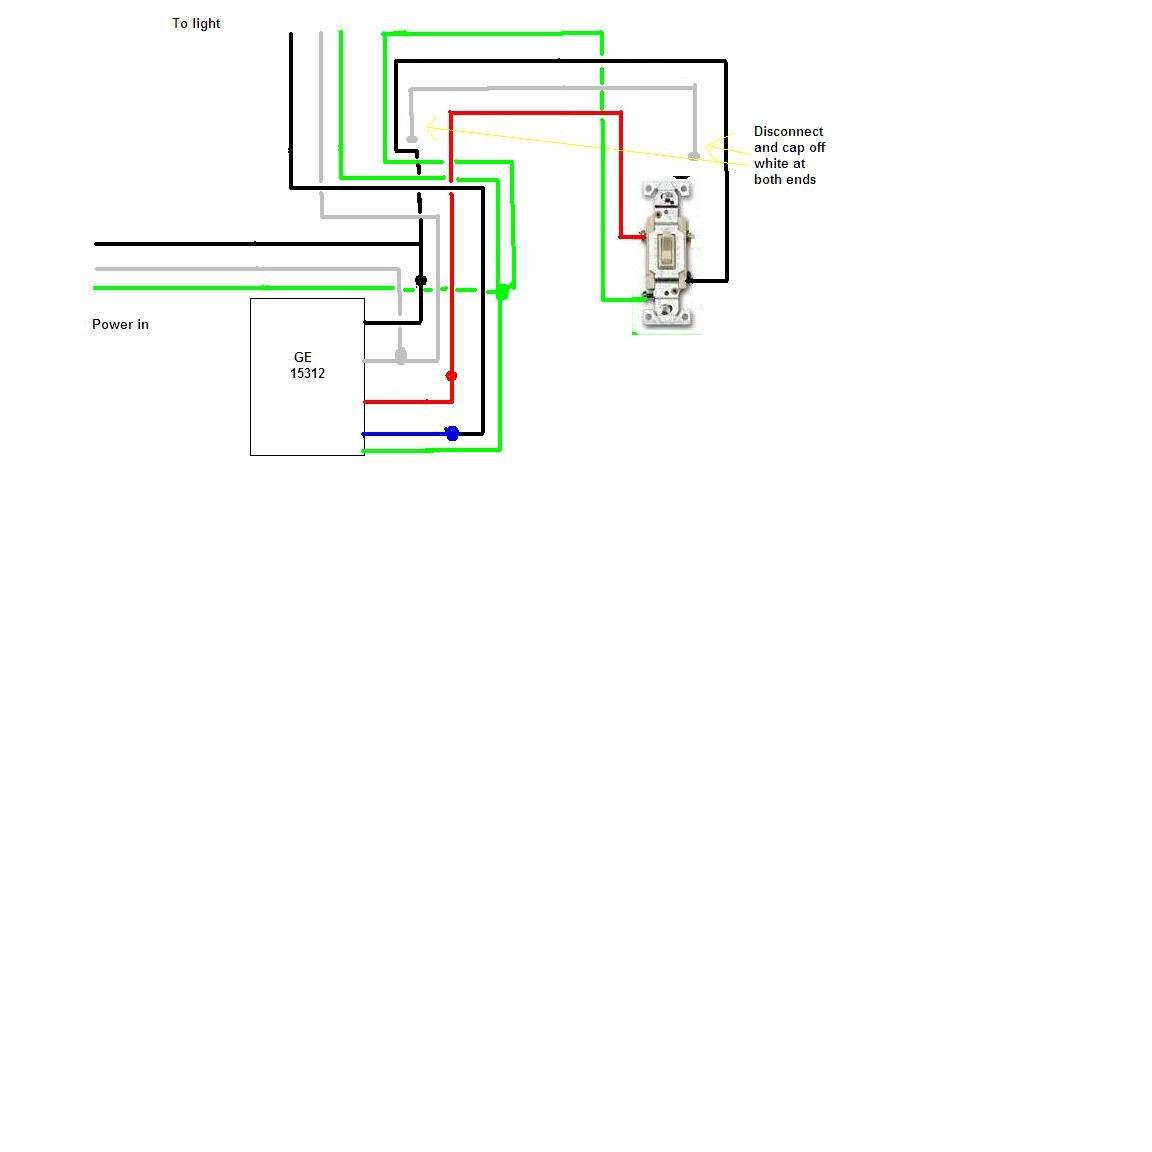 Am Installing Sunsmart Digital Timer 15312  Existing 3